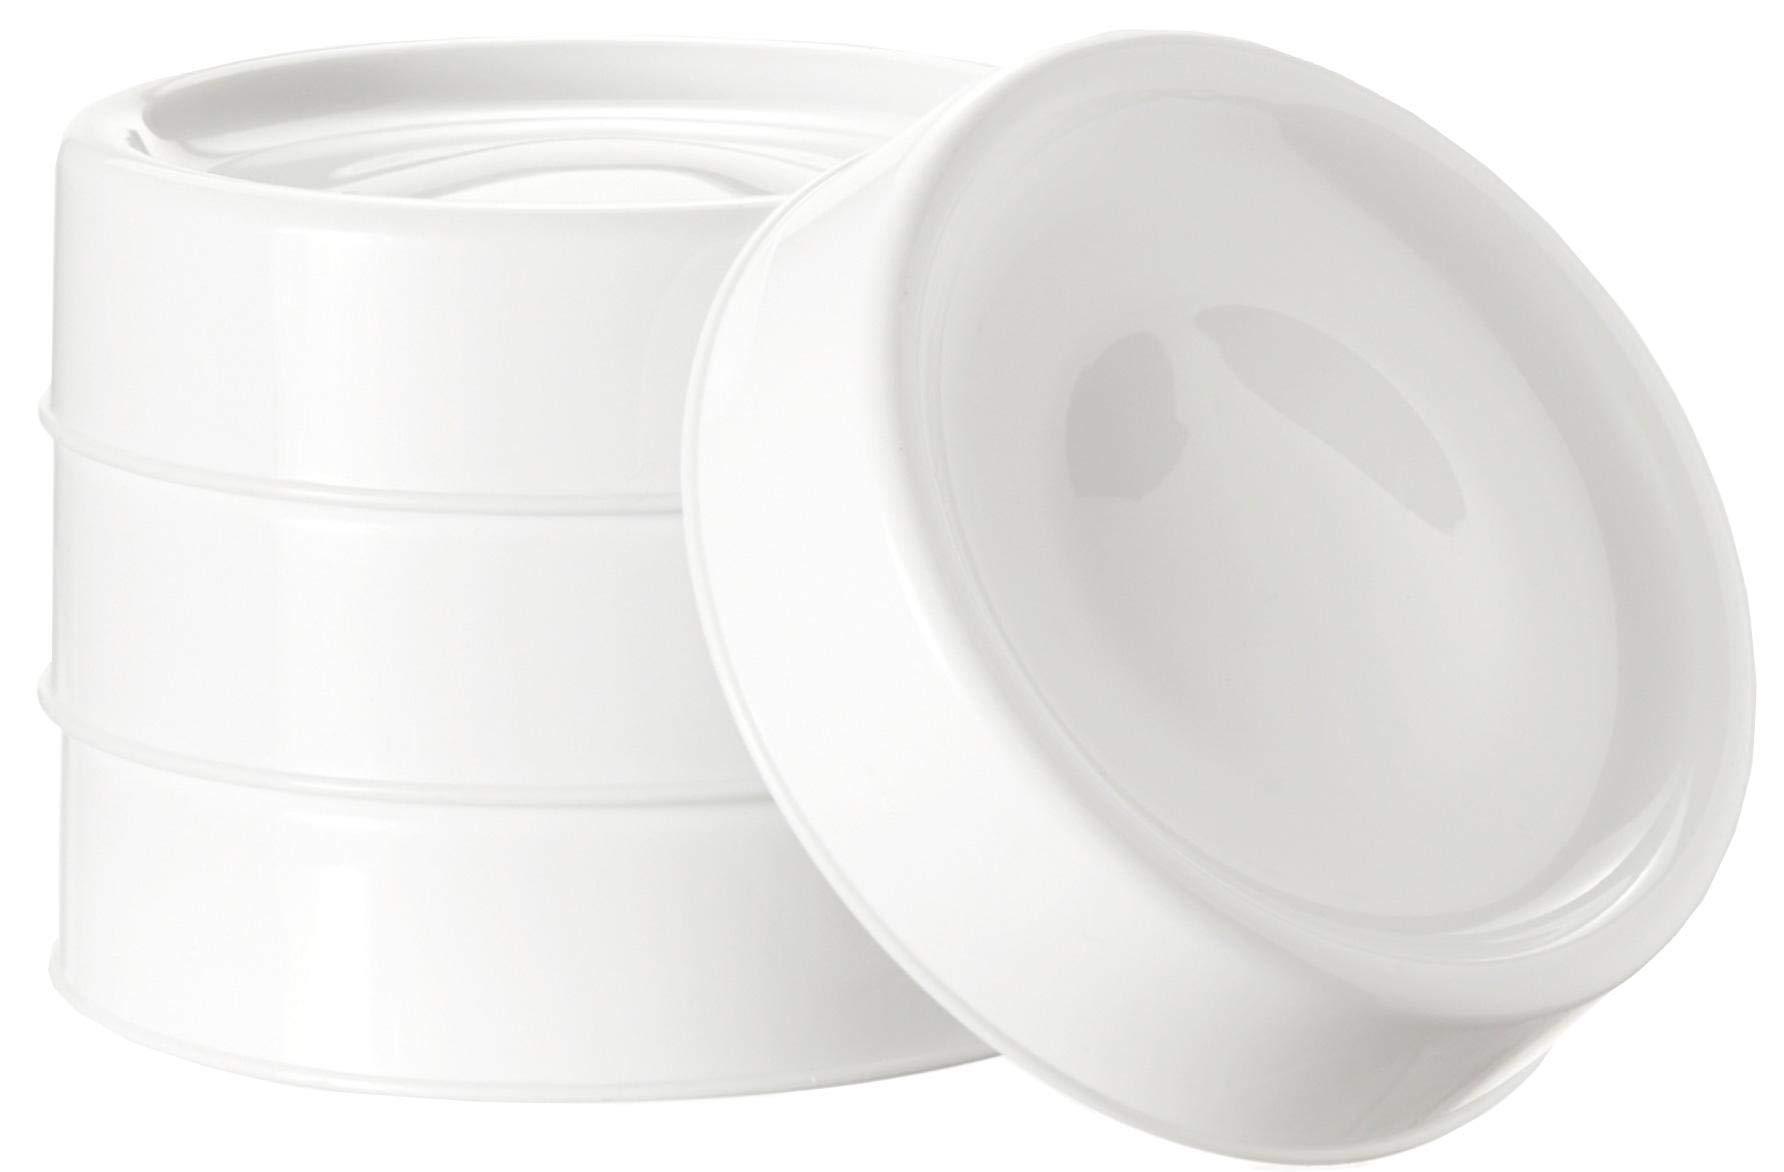 Tommee Tippee Milk Storage Lids x 4 Bpa Free